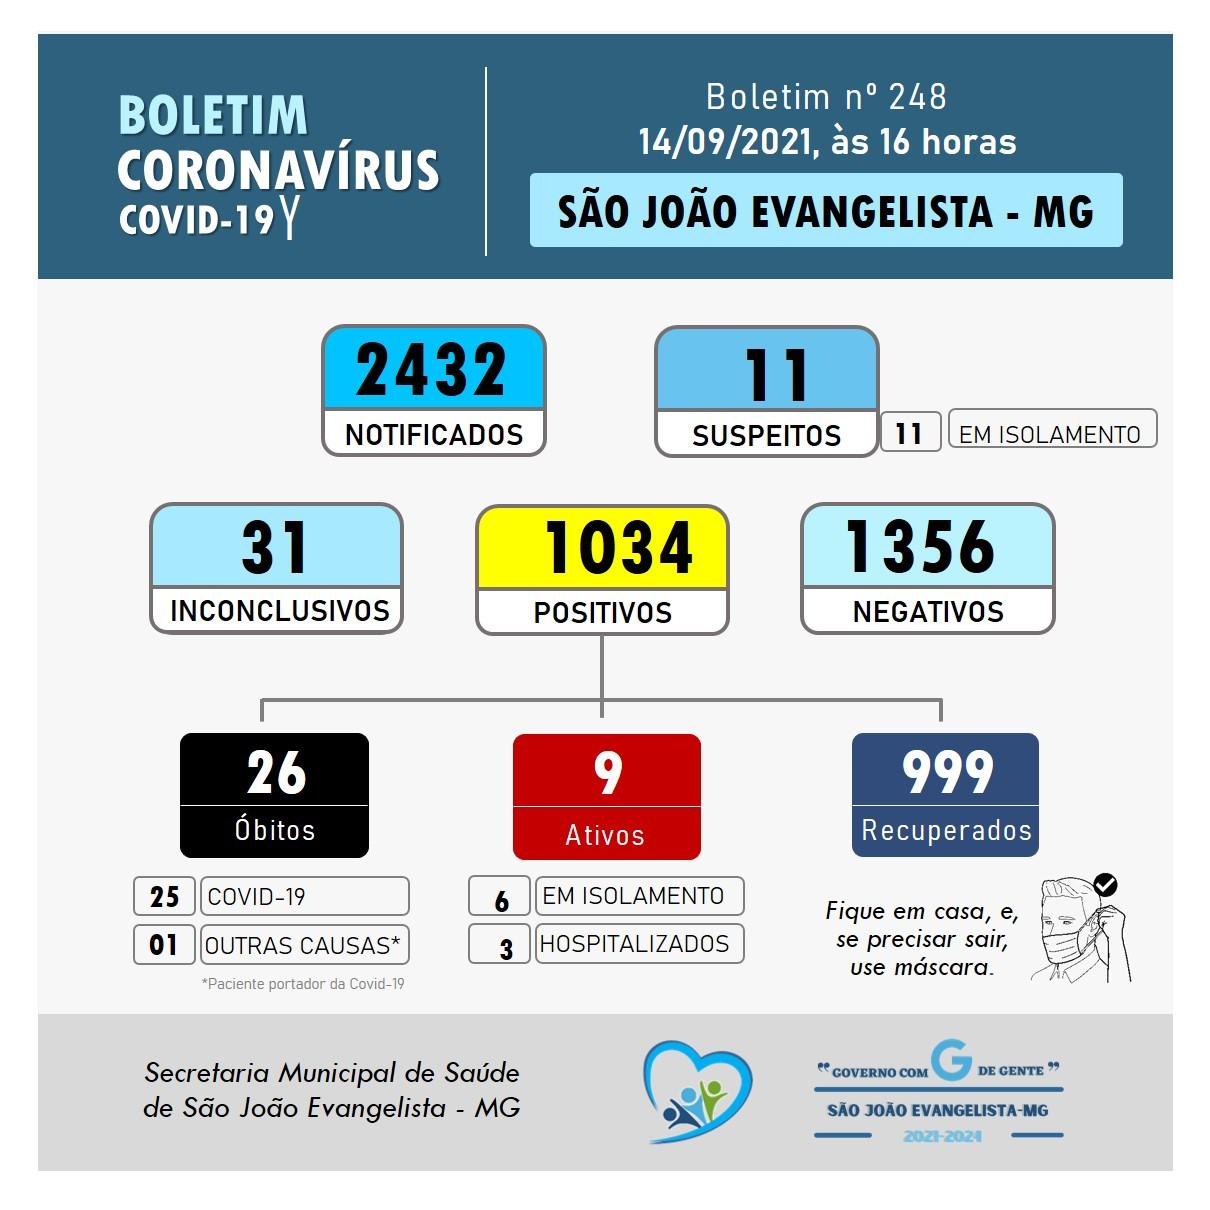 BOLETIM CORONAVÍRUS N° 248 DE 14/09/2021